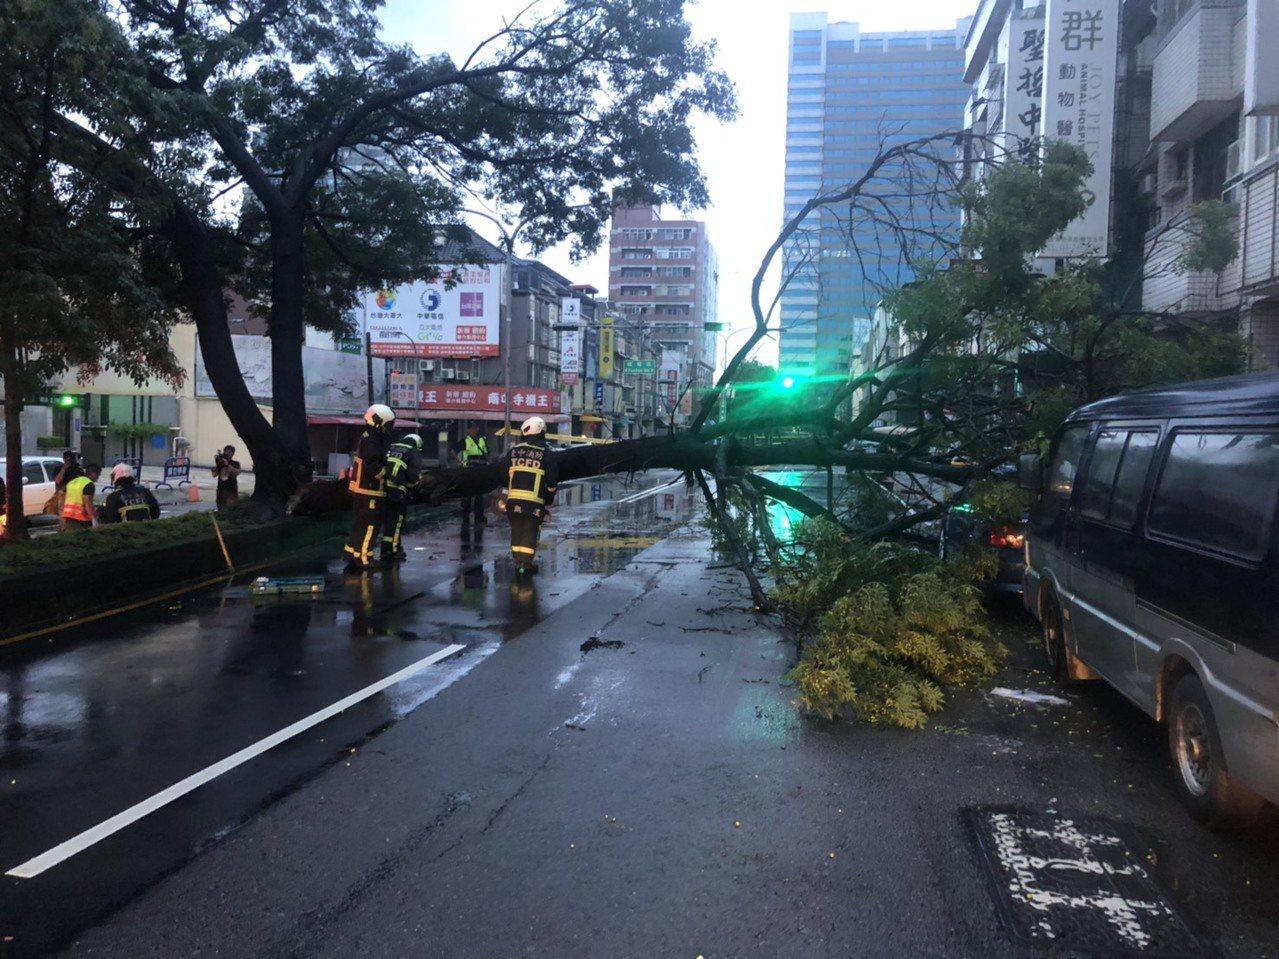 台中市西屯區福雅路的路樹今天凌晨4時許倒塌,砸到兩輛停在路旁的轎車。圖/讀者提供